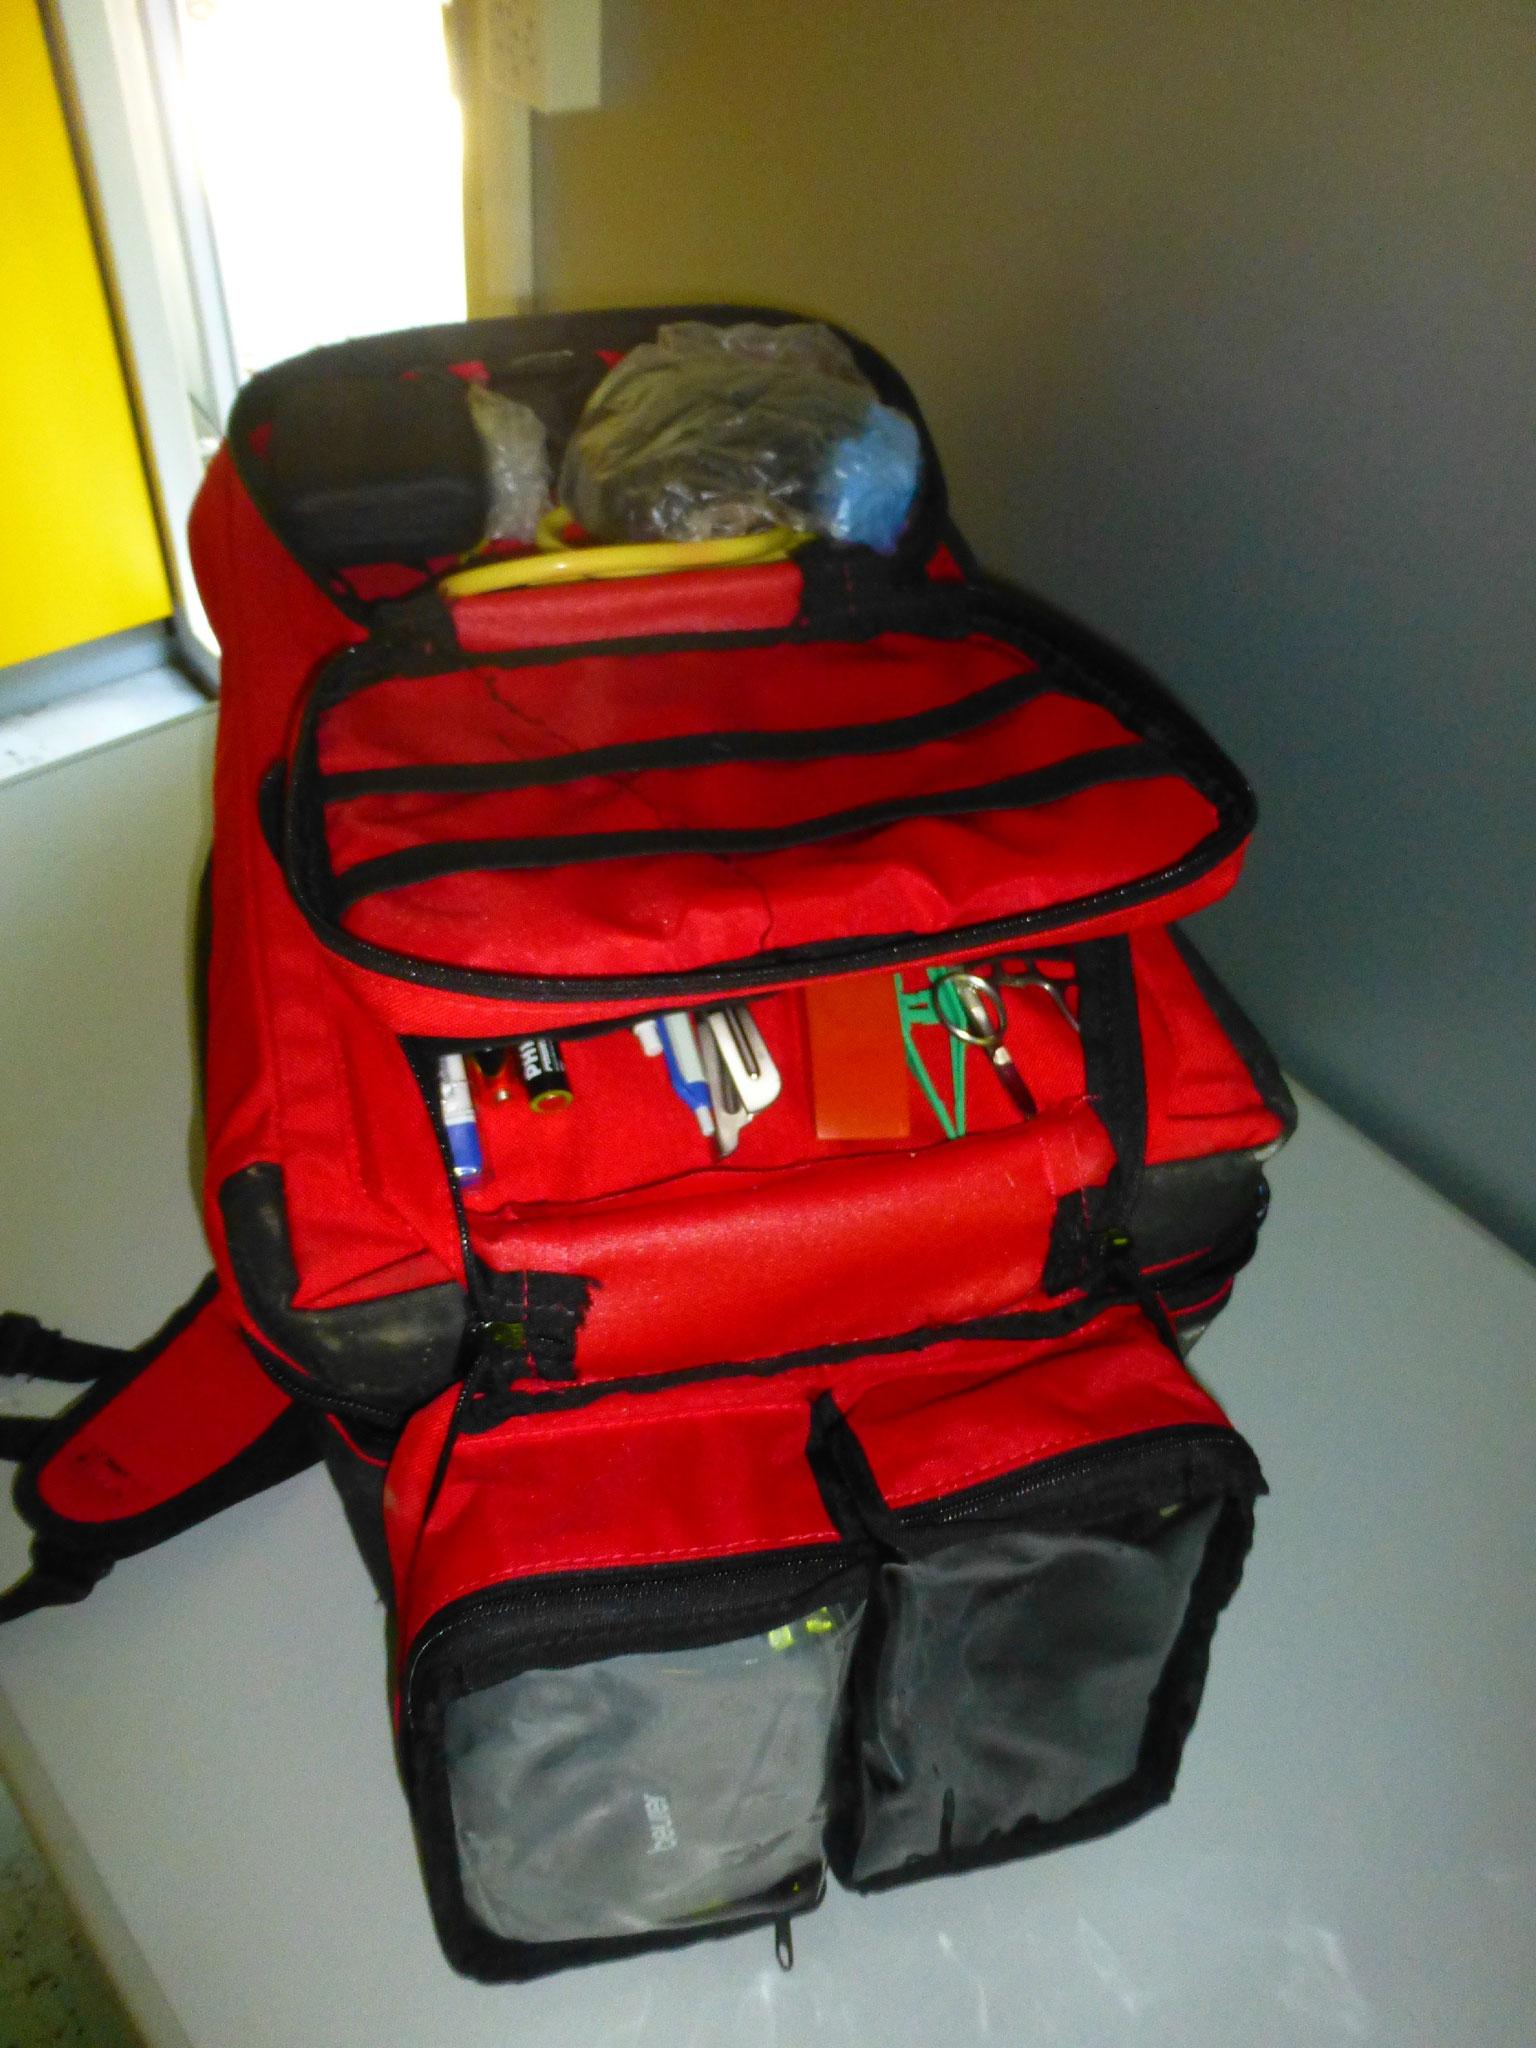 Sanirucksack für den mobilen Einsatz